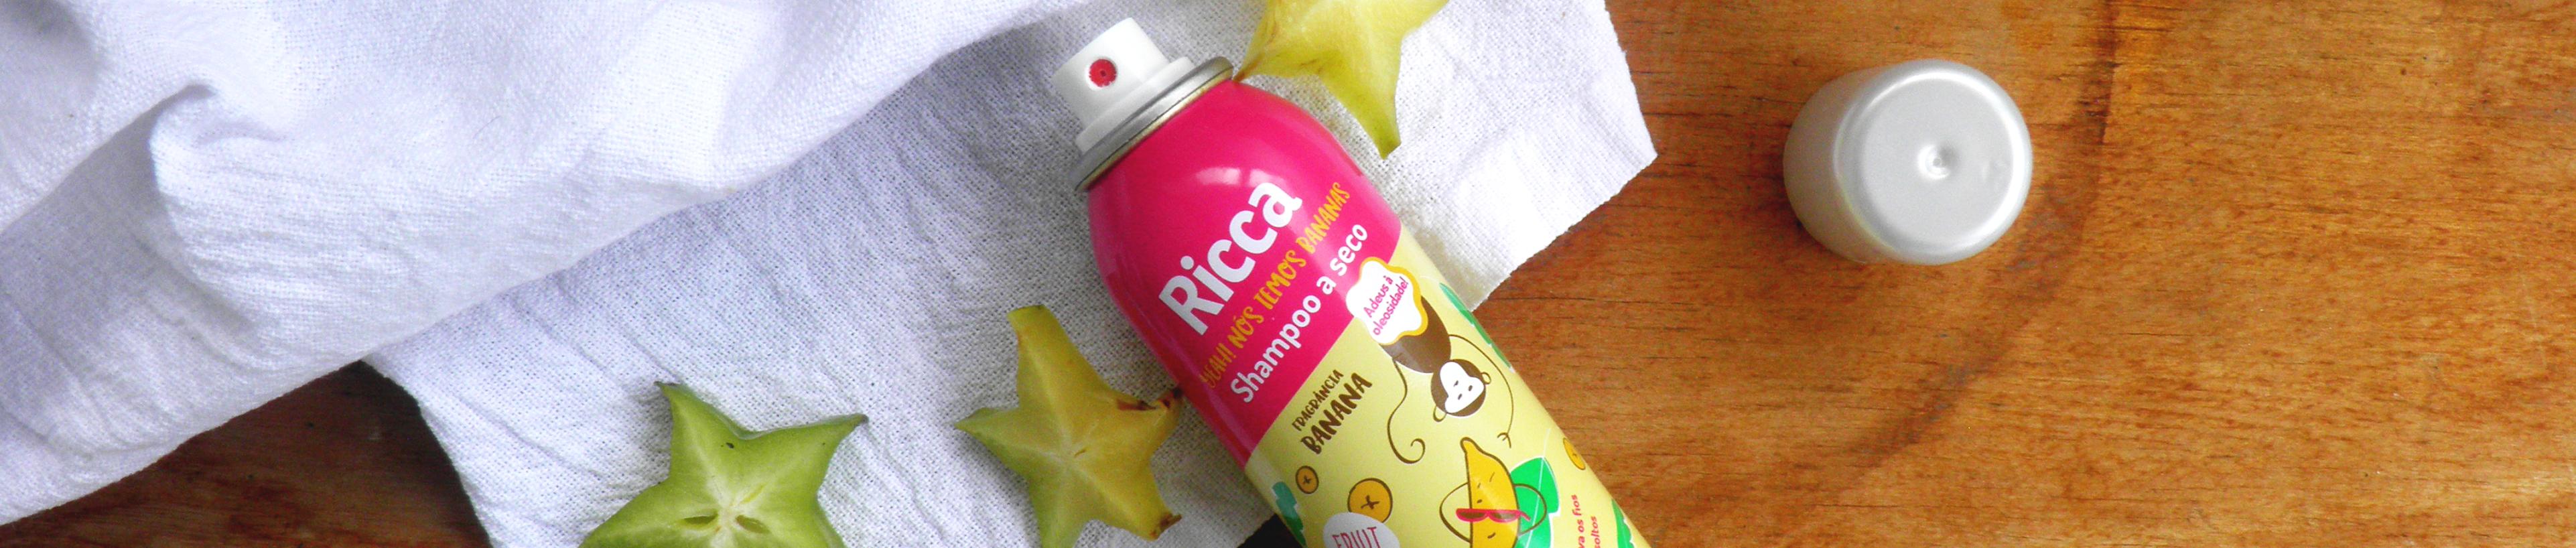 Ingredientes da Composição do Shampoo a Seco Ricca - resenha Cabeleira em Pé